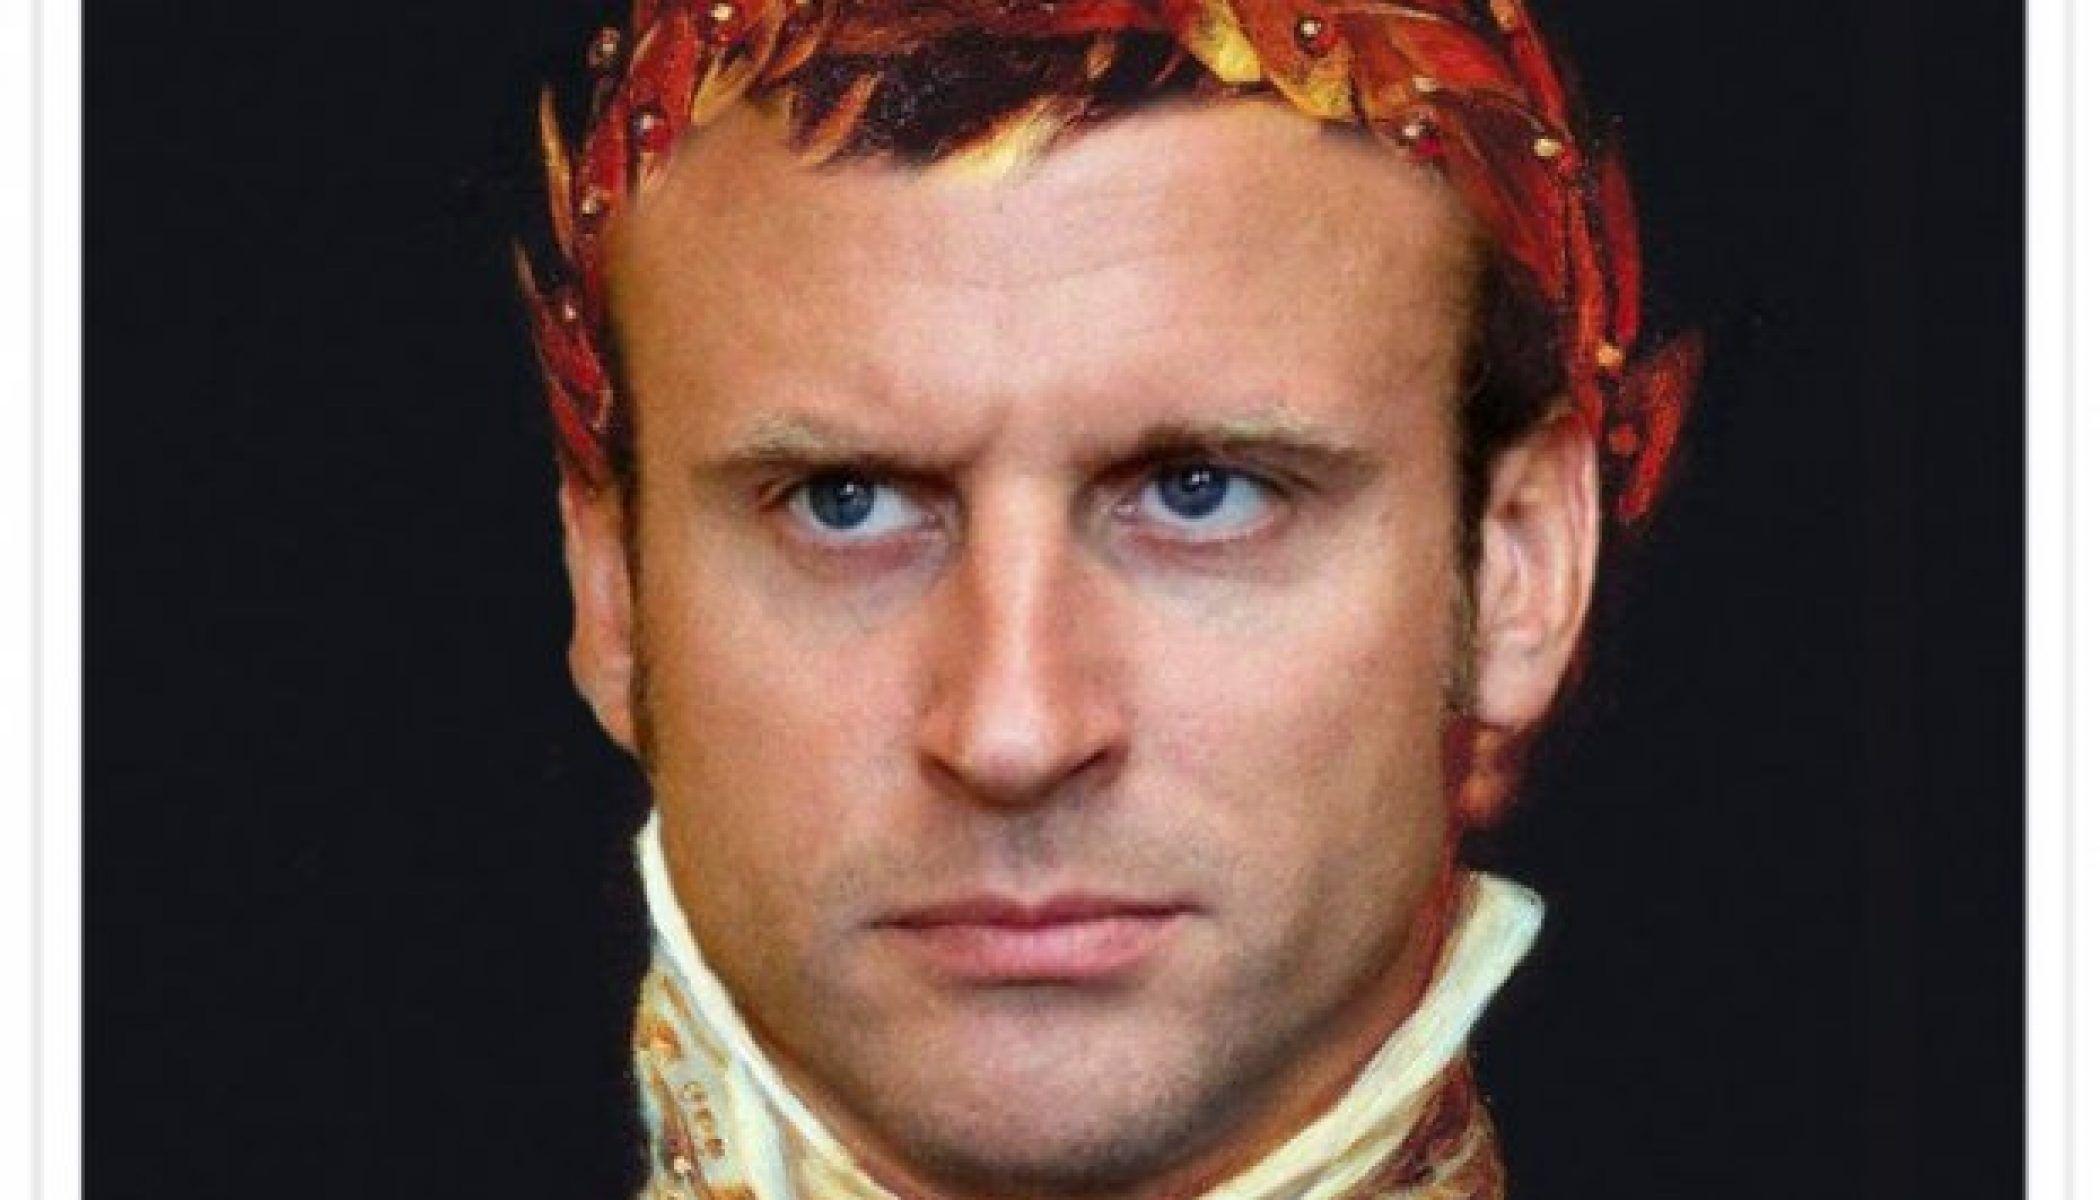 Épinglé sur Emmanuel Macron